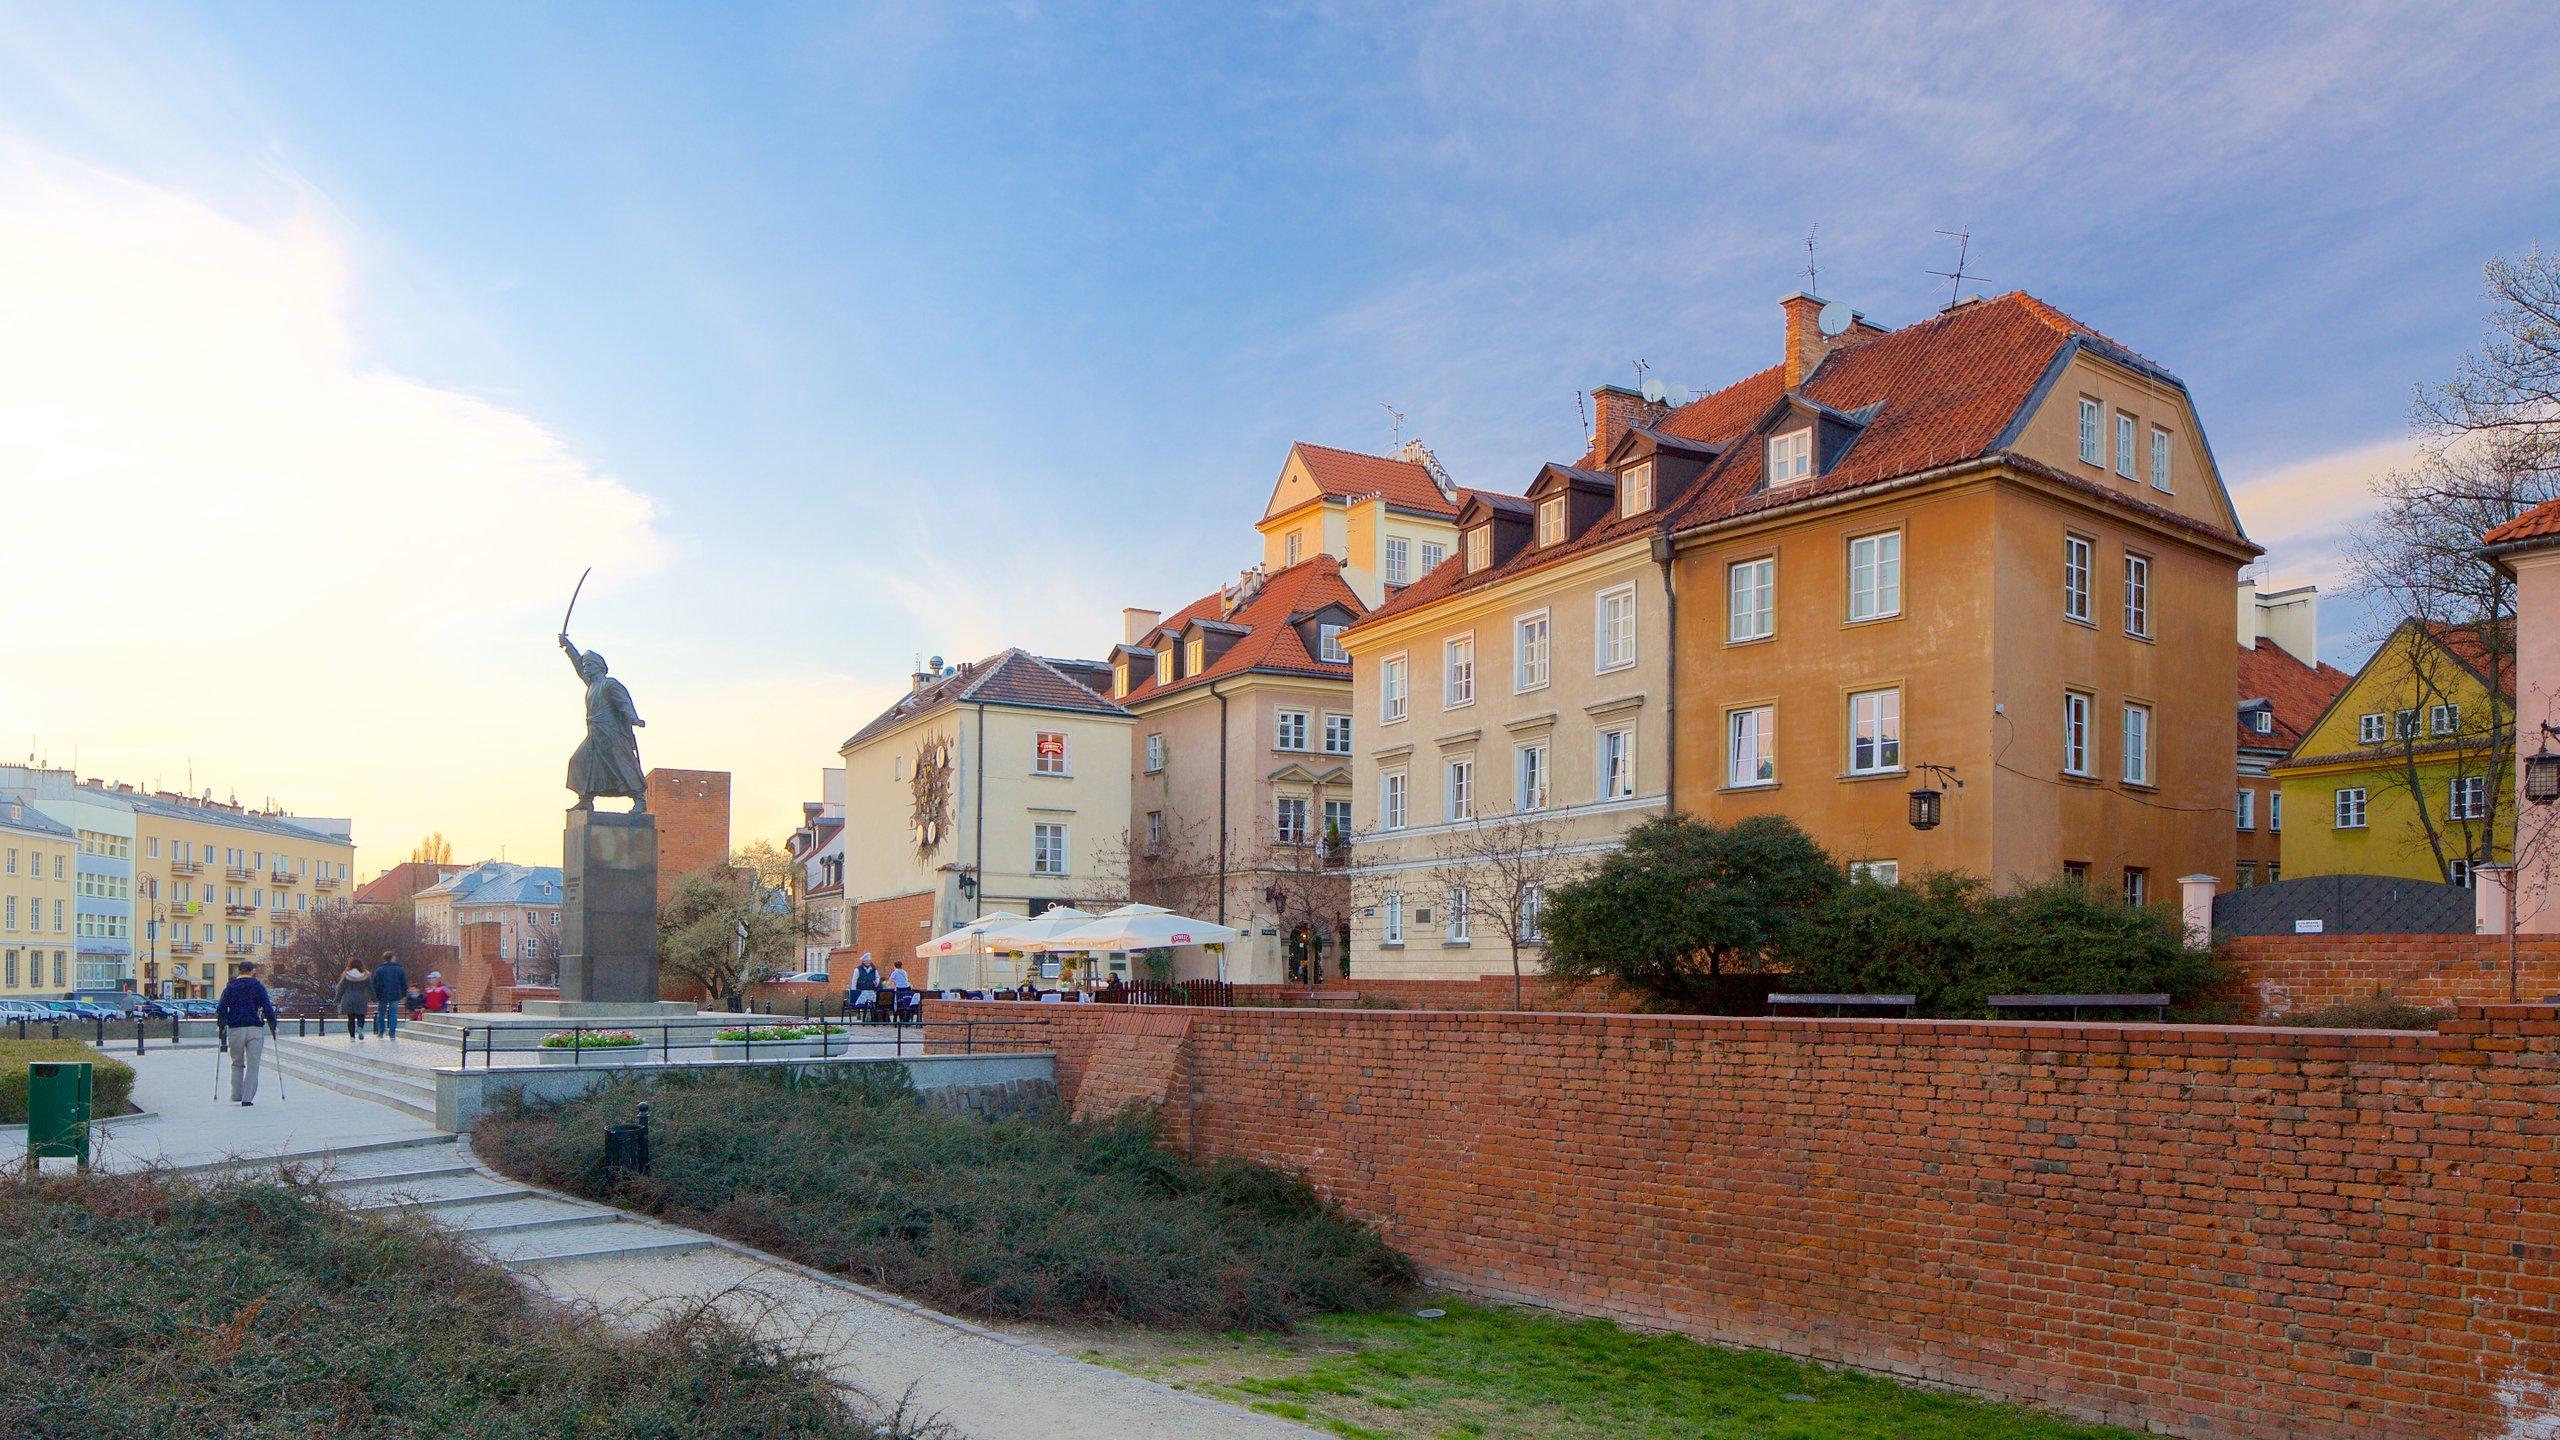 Old Town Warsaw, Warsaw, Masovian Voivodeship, Poland